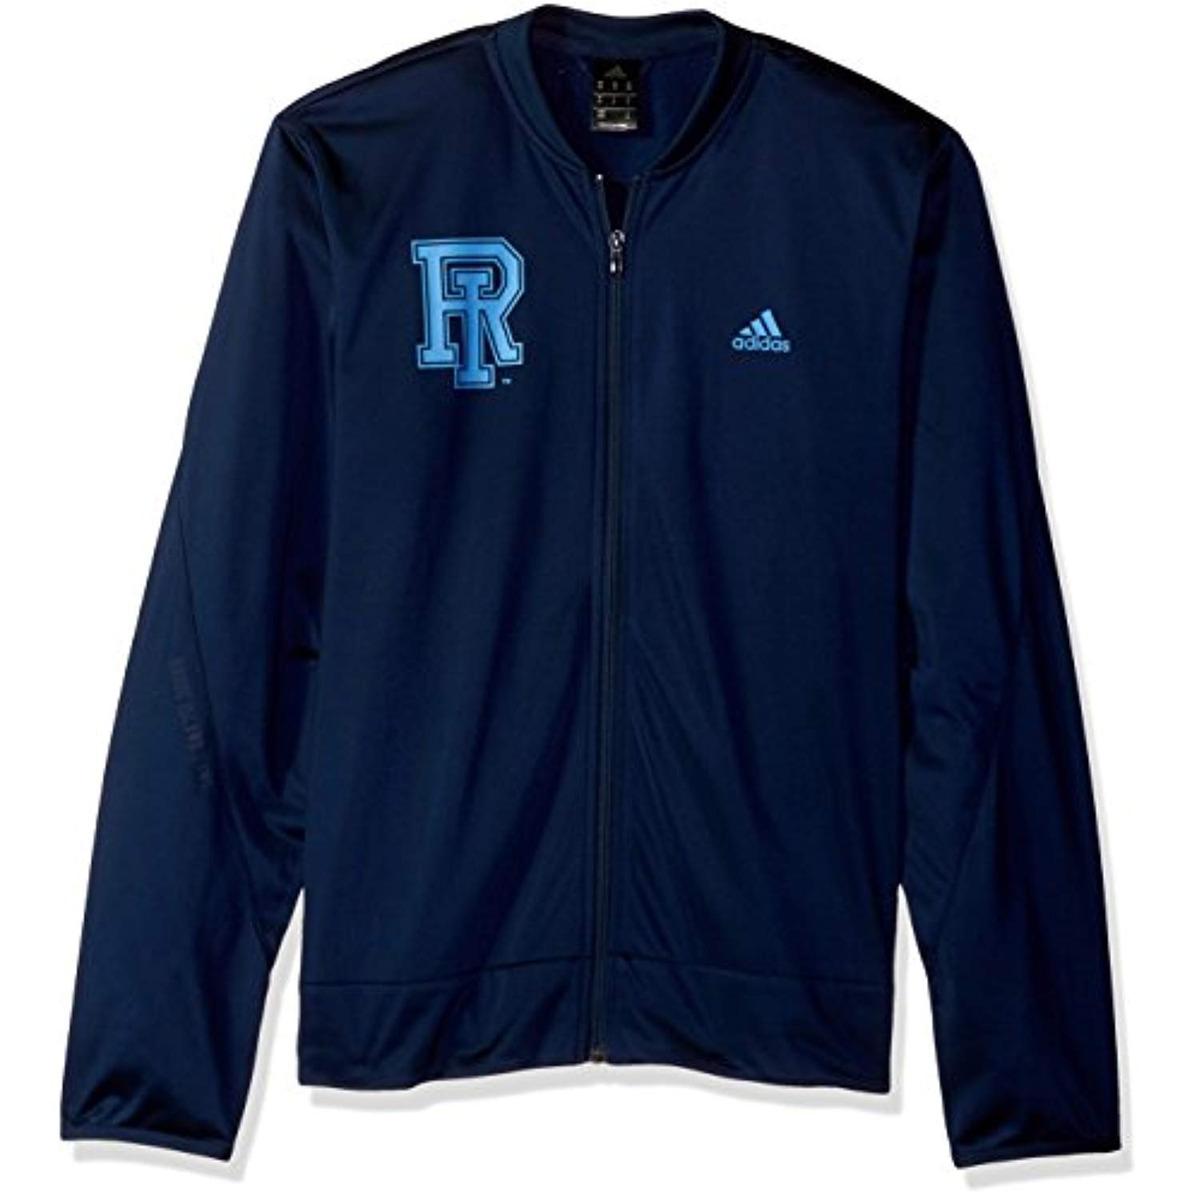 De Rhode Island adidas Ncaa Chaqueta Rams CxWdBroe